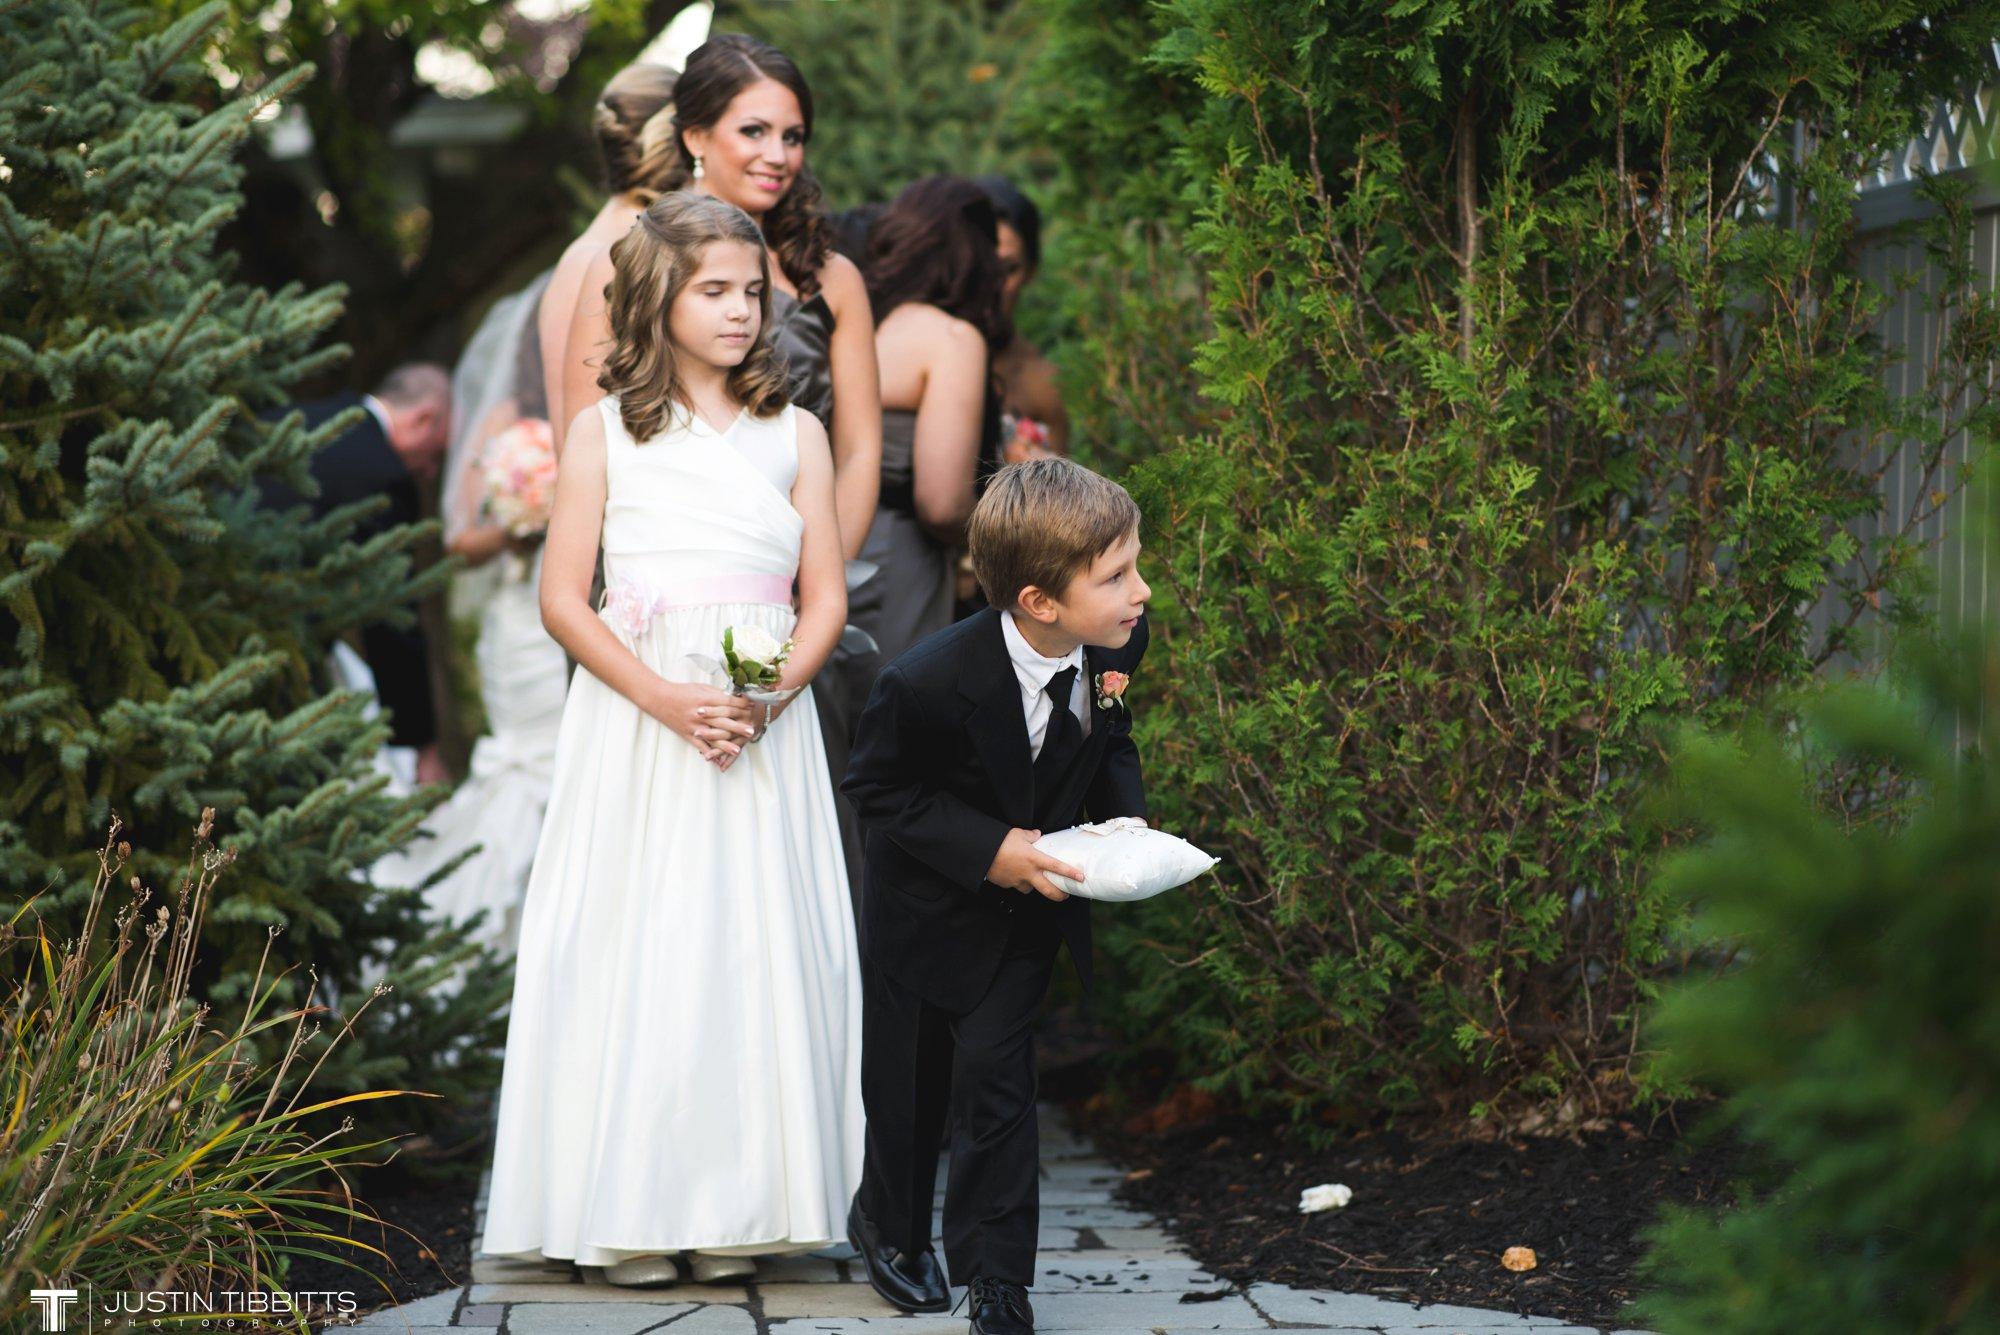 Albany NY Wedding Photographer Justin Tibbitts Photography 2014 Best of Albany NY Weddings-39435103938